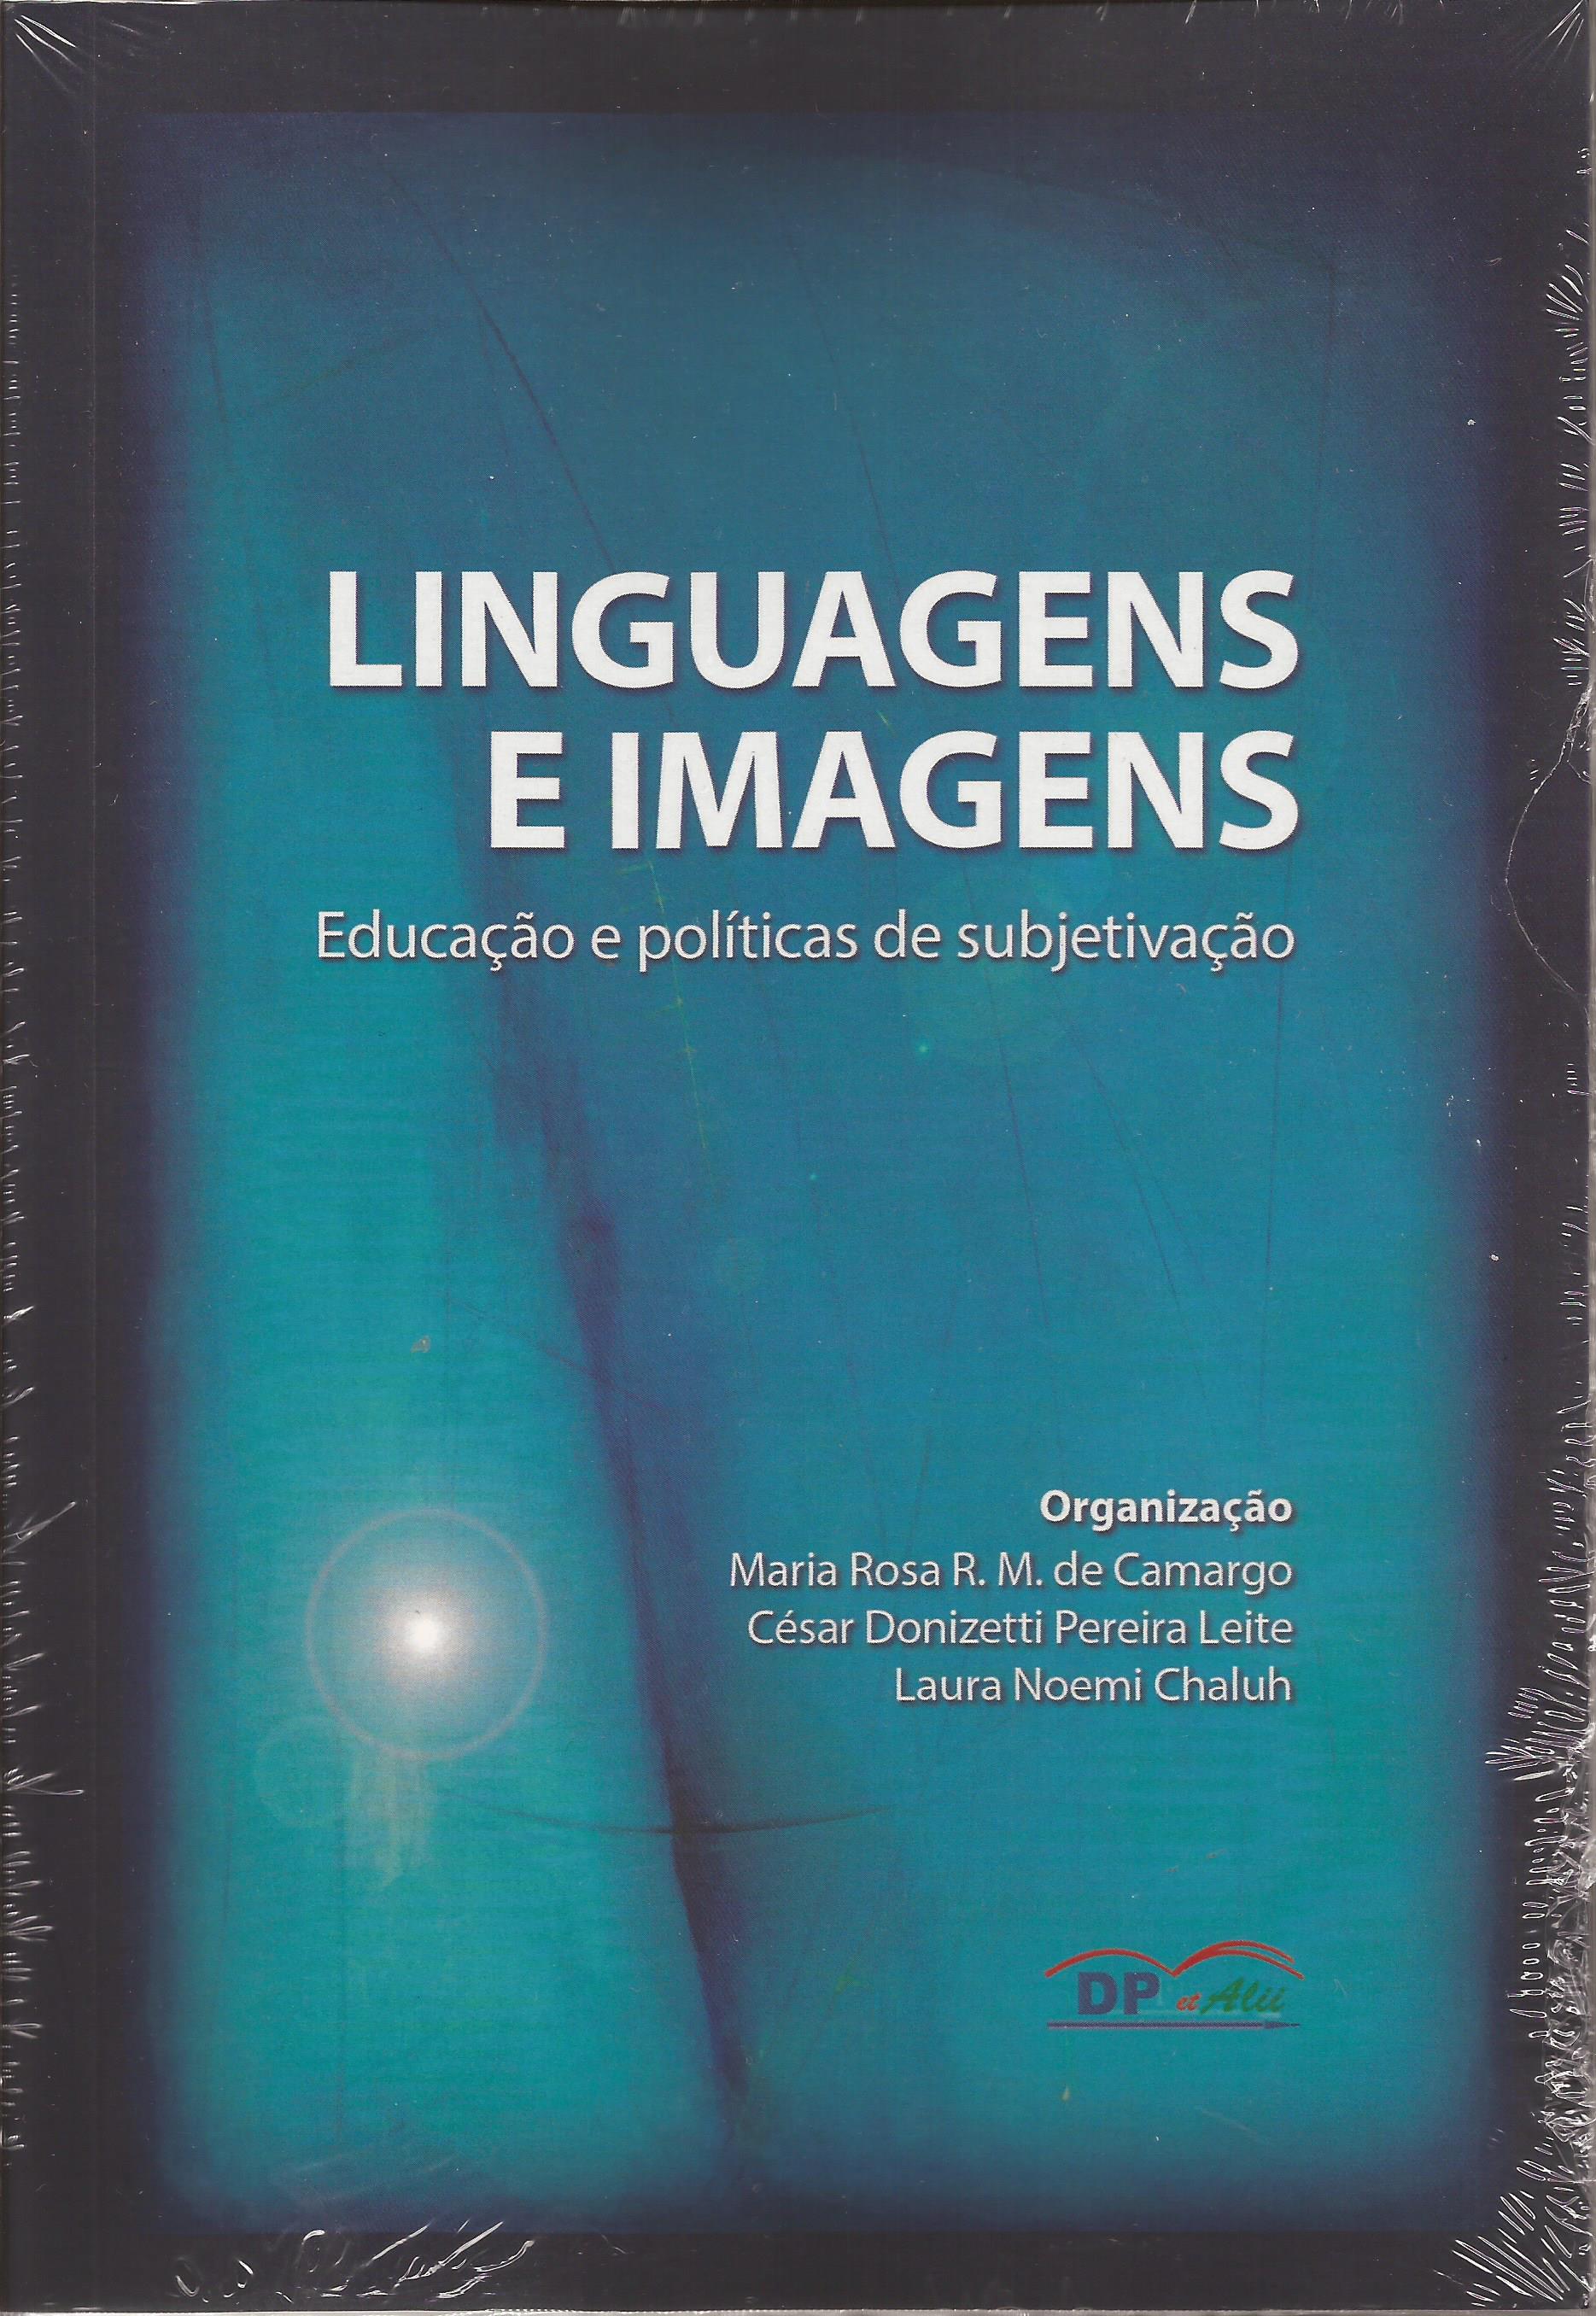 Linguagens e Imagens – Educação e políticas de subjetivação